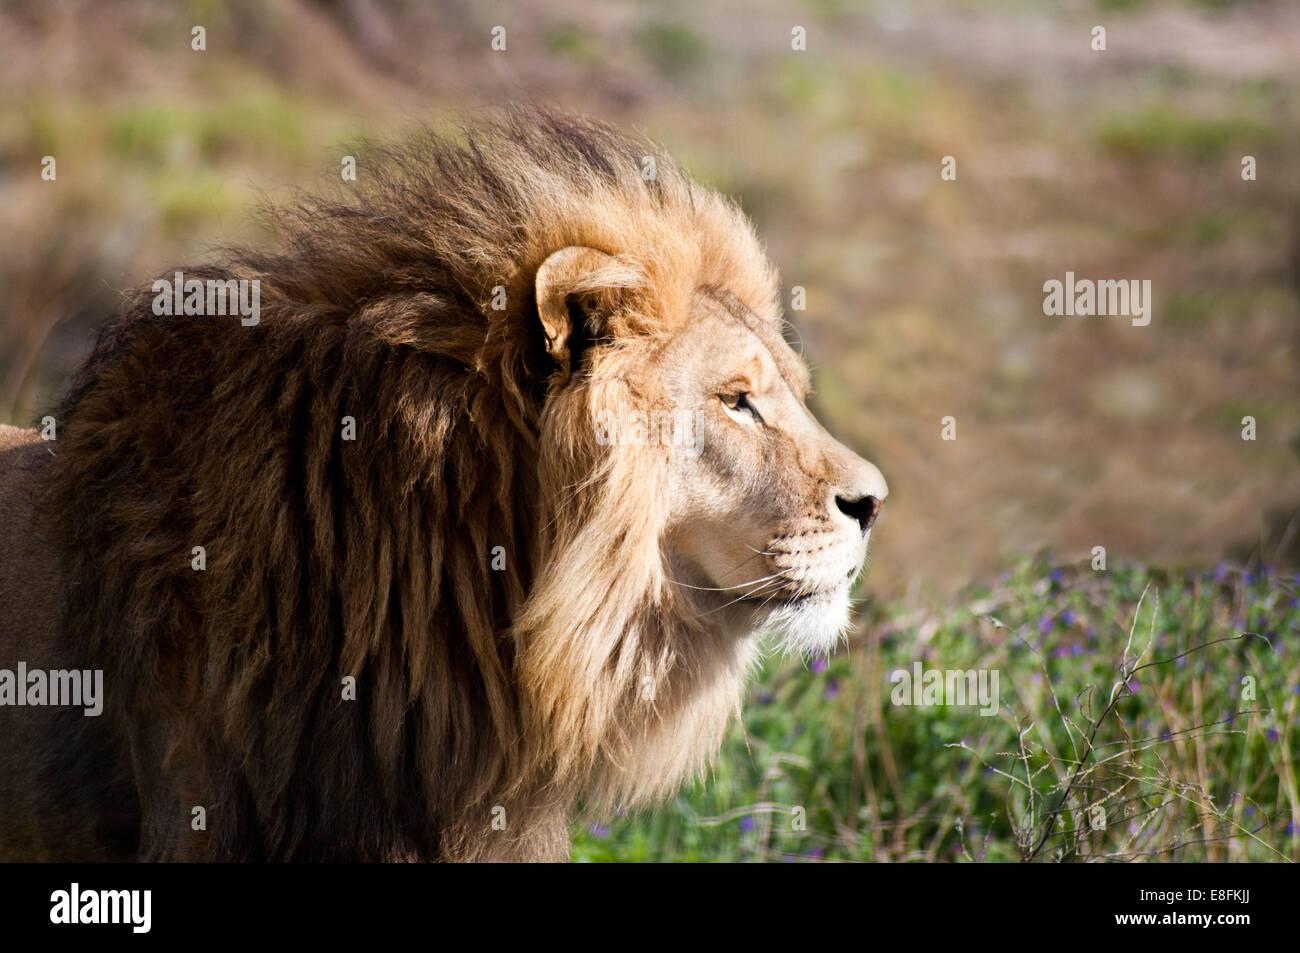 Retrato de un león, Limpopo, Sudáfrica Imagen De Stock